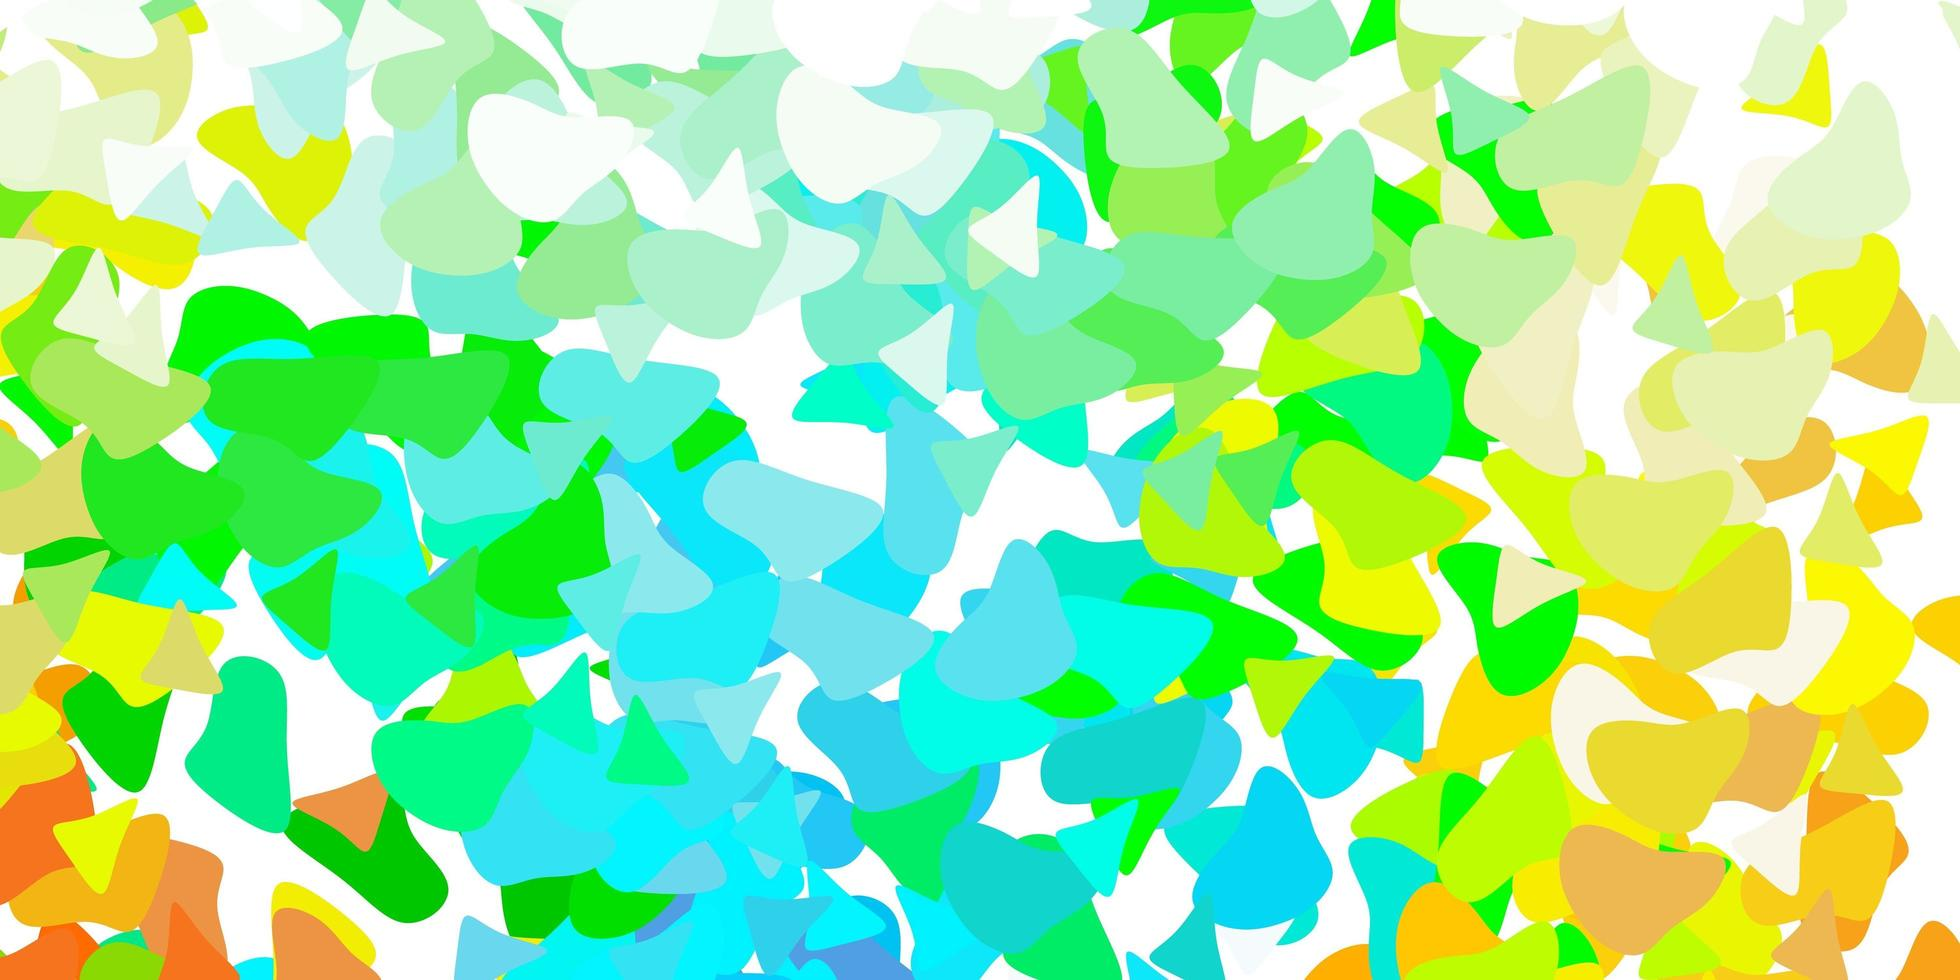 Fondo de vector azul claro, amarillo con formas caóticas.